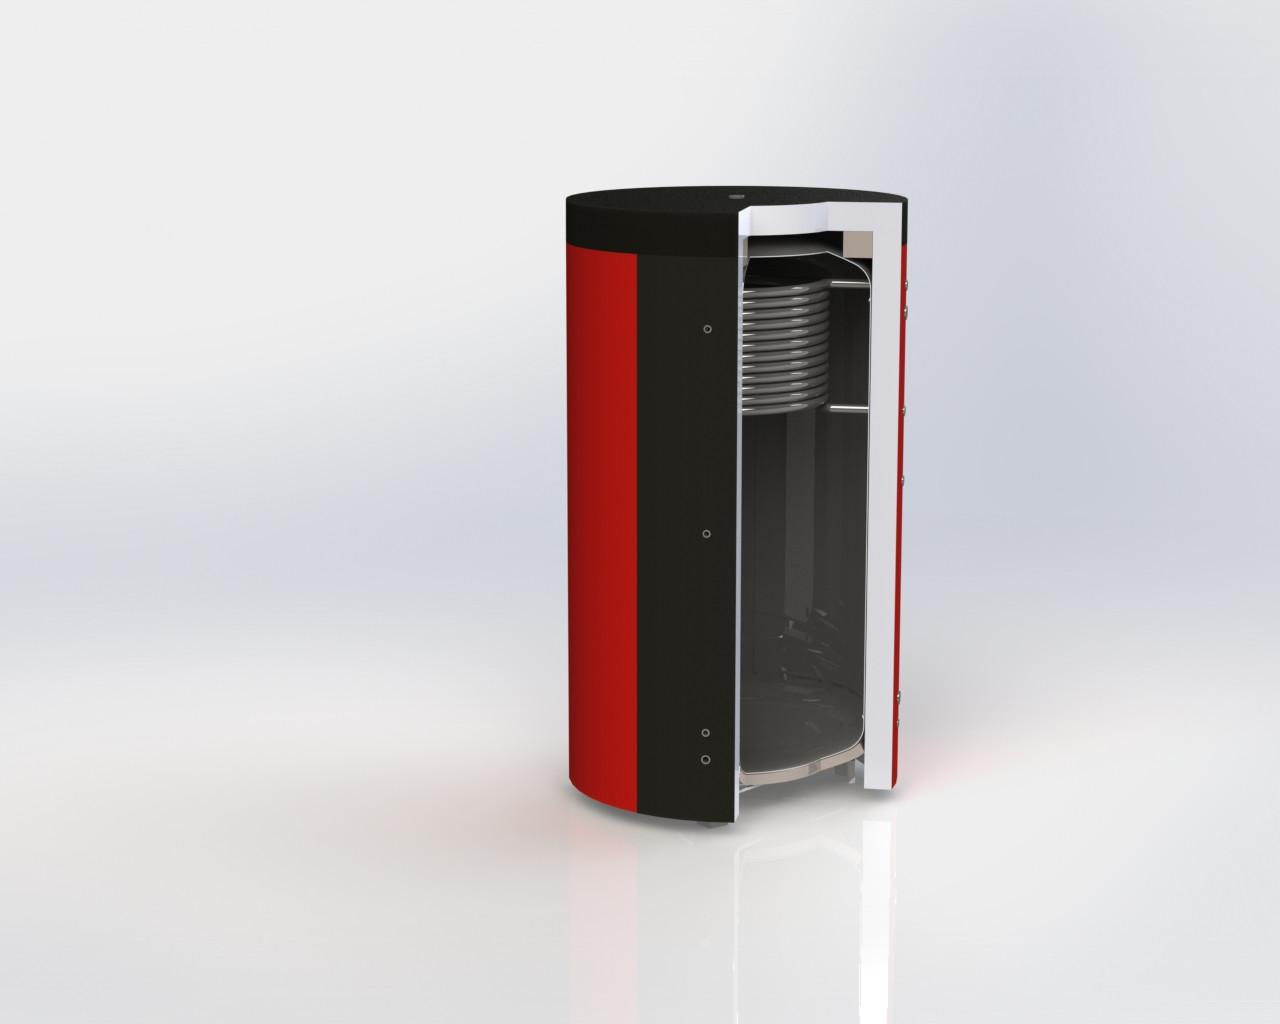 Буферная емкость ЕА-10-2000 Kuydych с верхним теплообменником